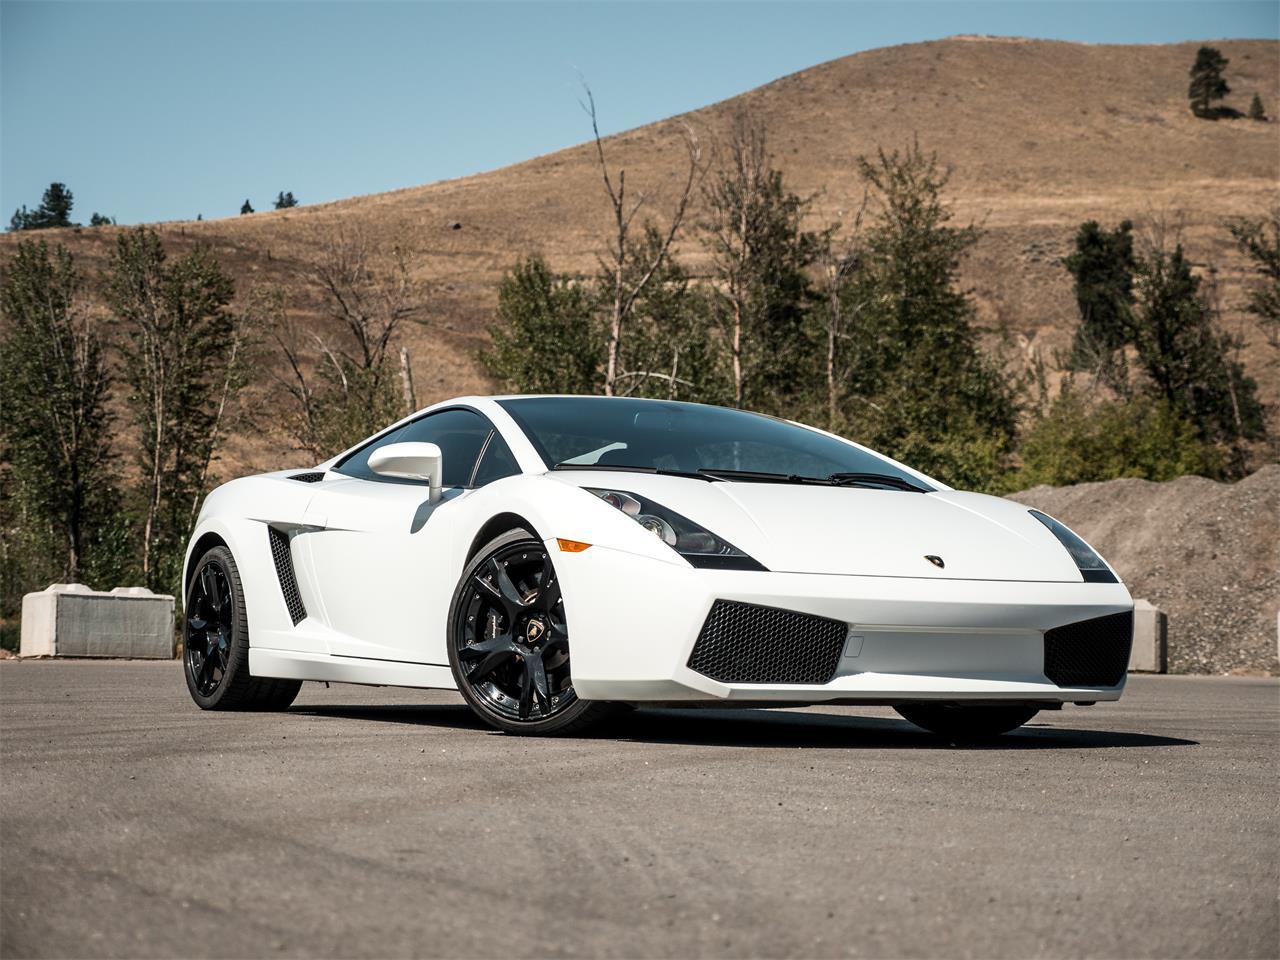 Large Picture of '08 Lamborghini Gallardo - $91,819.00 - QUI2